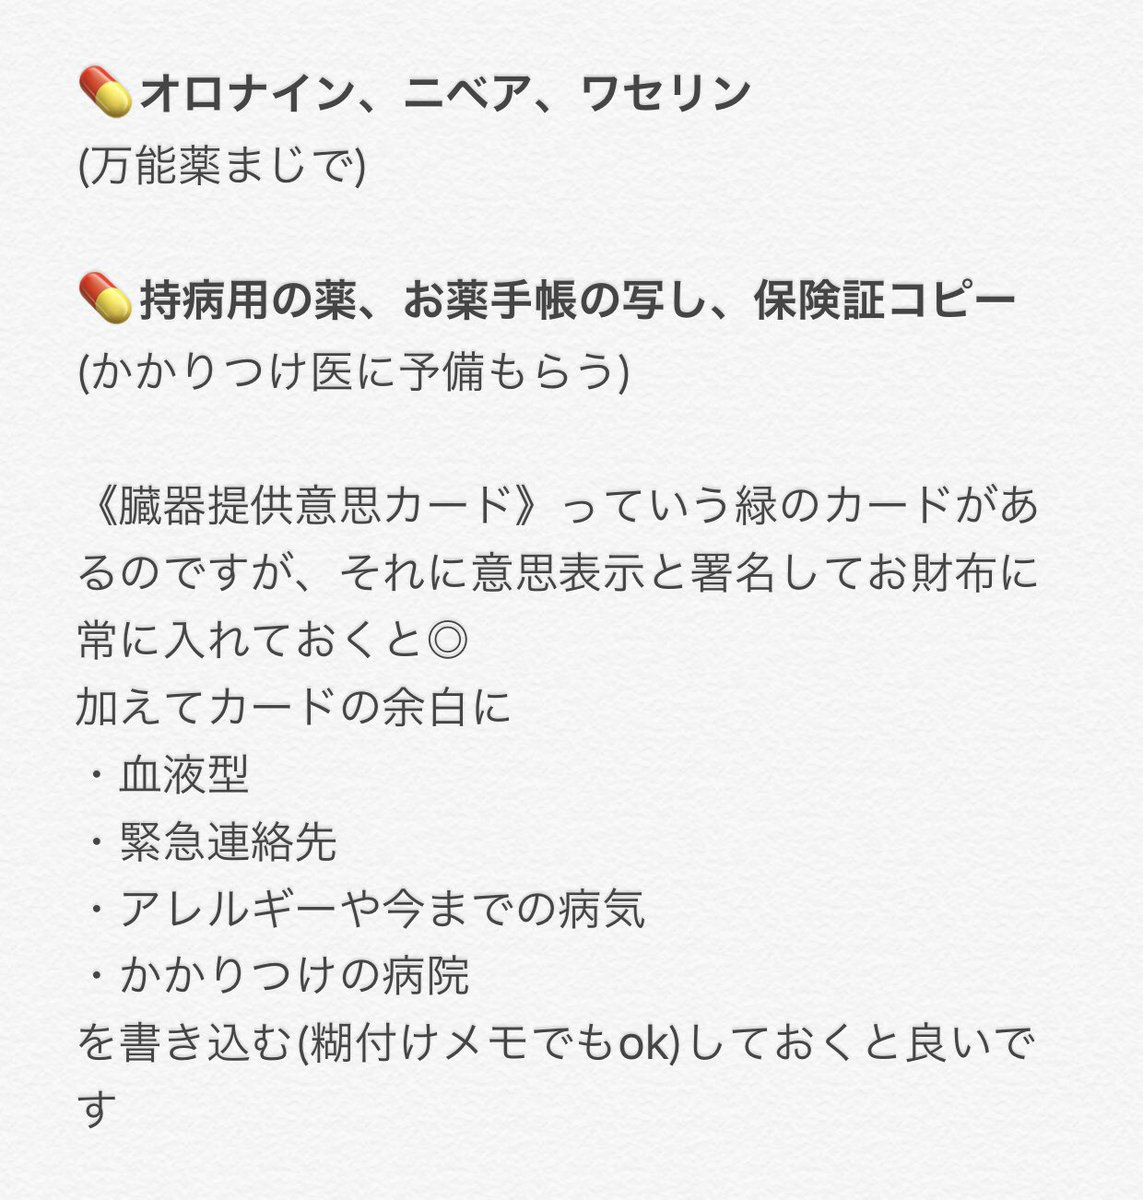 【大阪北部地震】医療関係者が選ぶ、震災などの自然災害時の非常用持ち出し袋のベストセットはこれ!